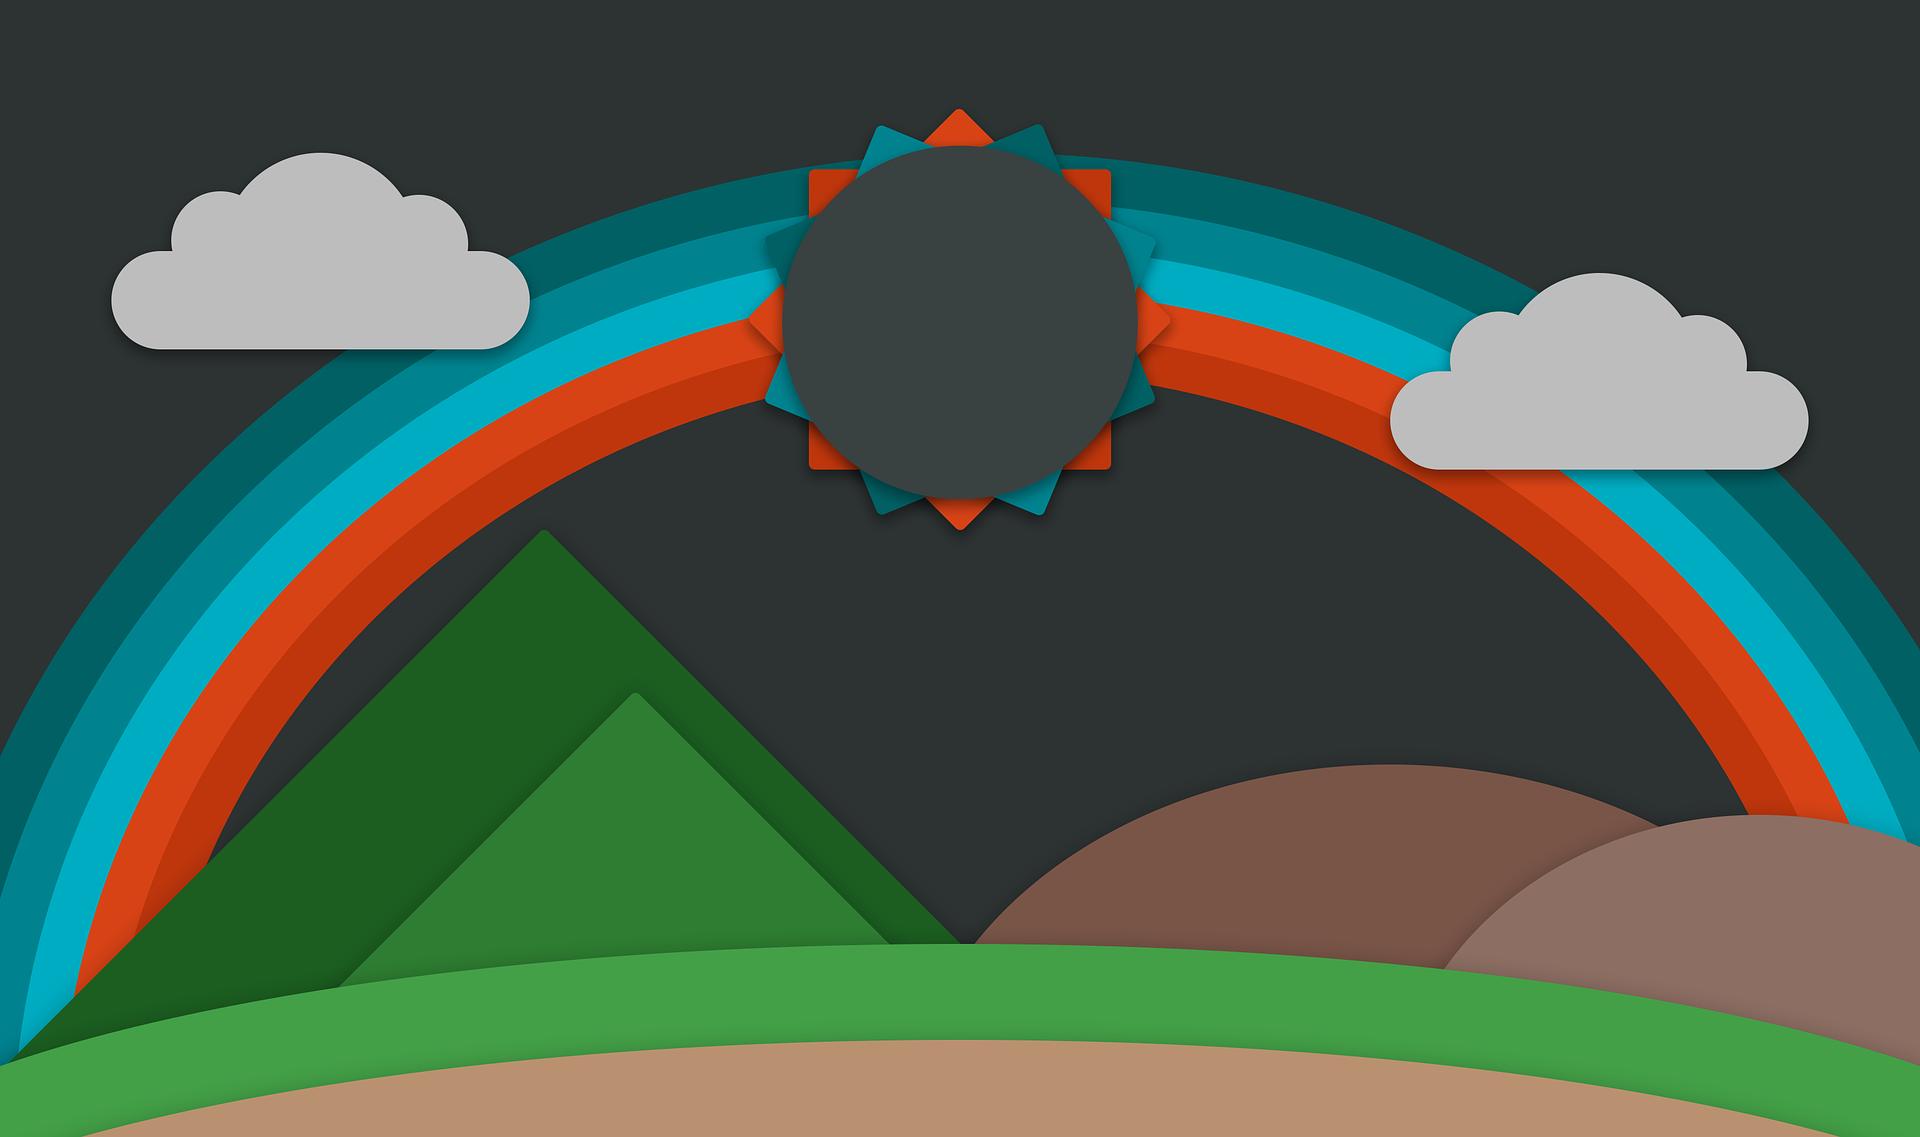 Arco-íris, Sol, montanhas, projeto liso, nuvens - Papéis de parede HD - Professor-falken.com